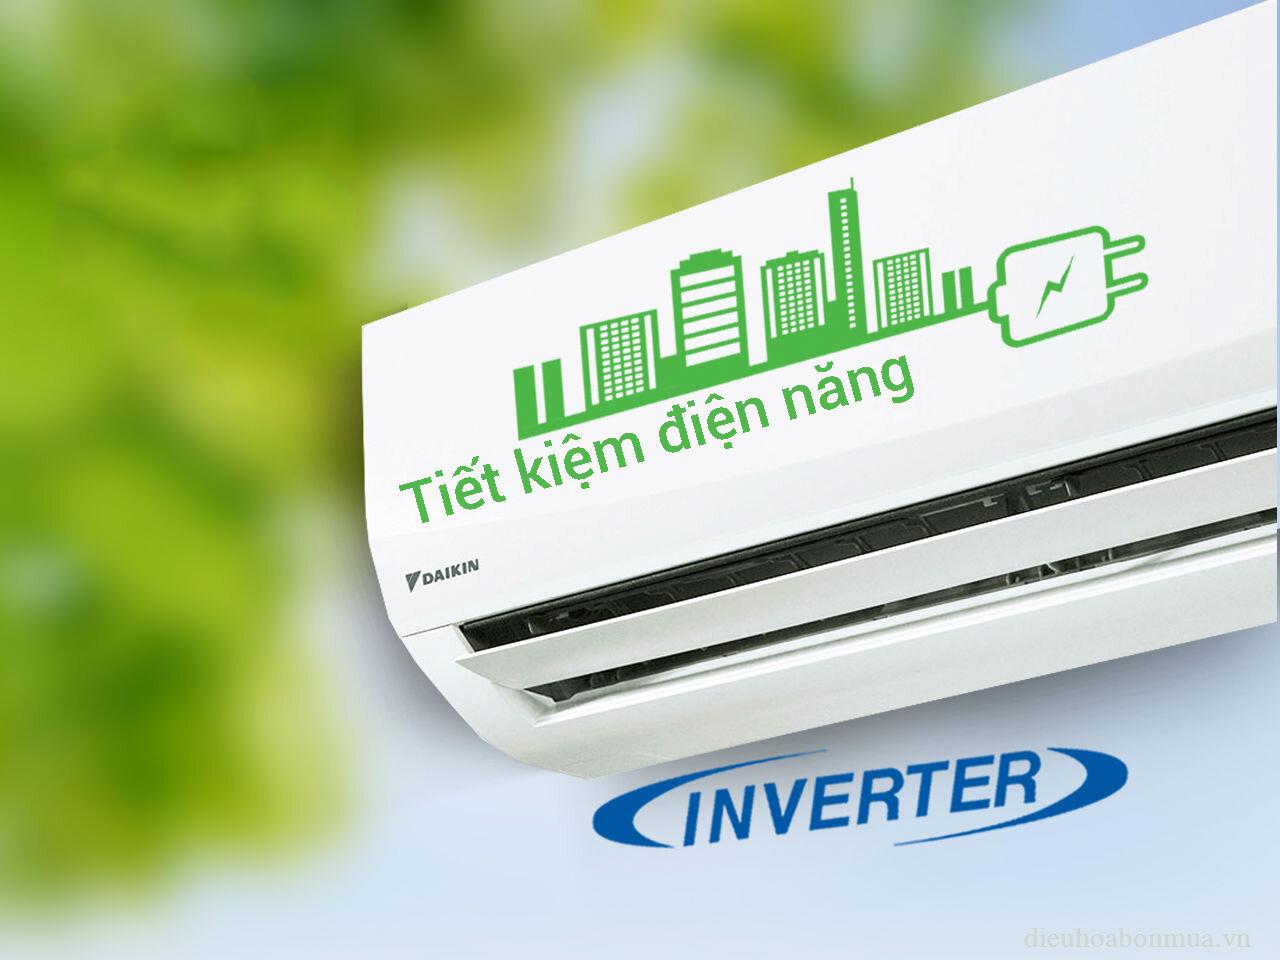 Máy lạnh Inverter sẽ giúp bạn tiết kiệm được nhiều điện năng hơn